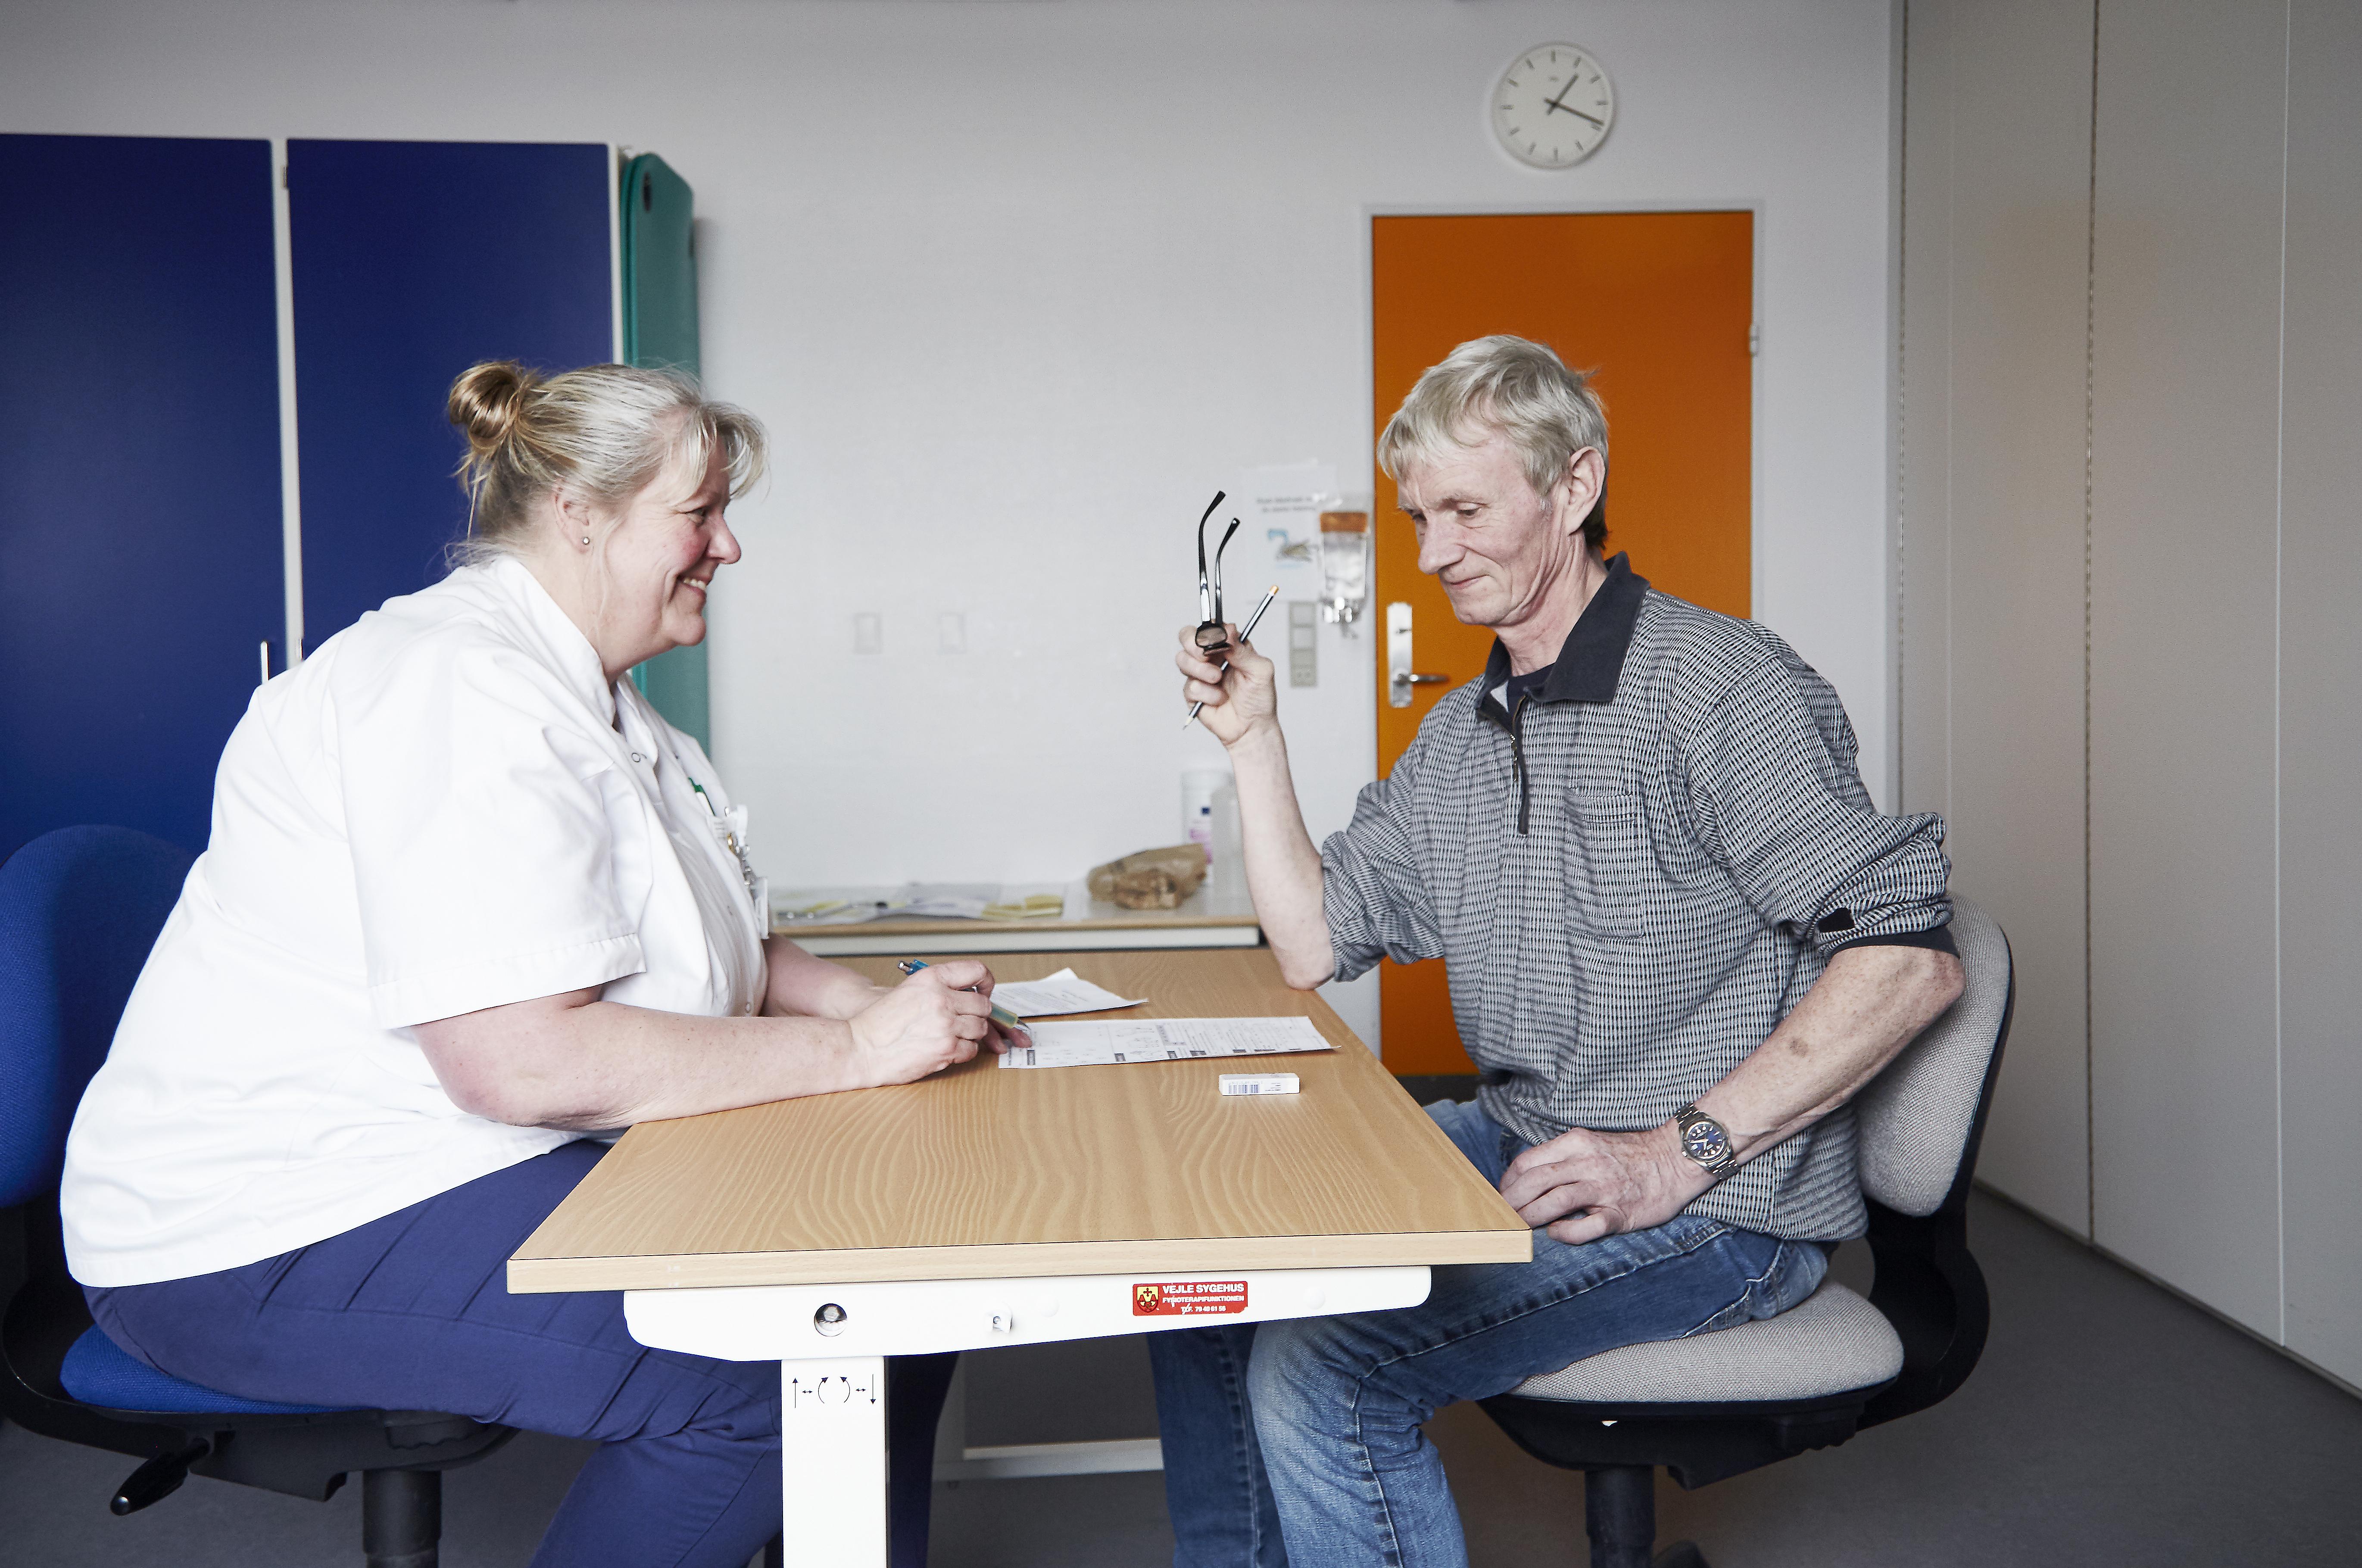 Ergoterapeut Lone Andersen gennemgik en MoCA-test med Bo Lundberg som led i Vejle Sygehus' nye initiativ for hjertestopoverlevere. Testen afslører nogle af de skjulte kognitive følger, der kan være efter hjertestop, som man først for ganske nylig er blevet bevidste om.